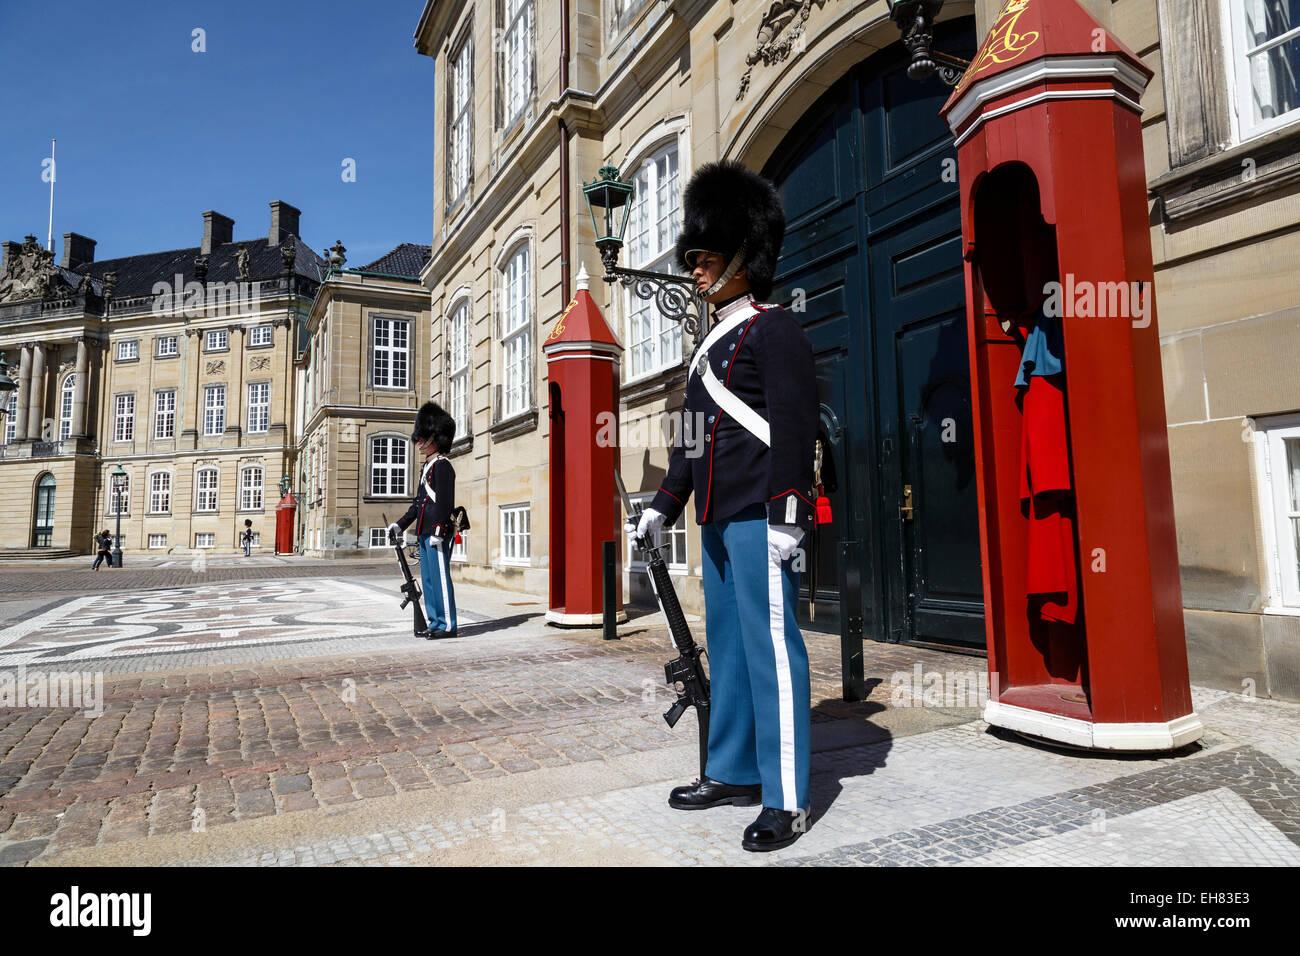 Wachablösung am königlichen Schloss Amalienborg, Kopenhagen, Dänemark, Skandinavien, Europa Stockbild